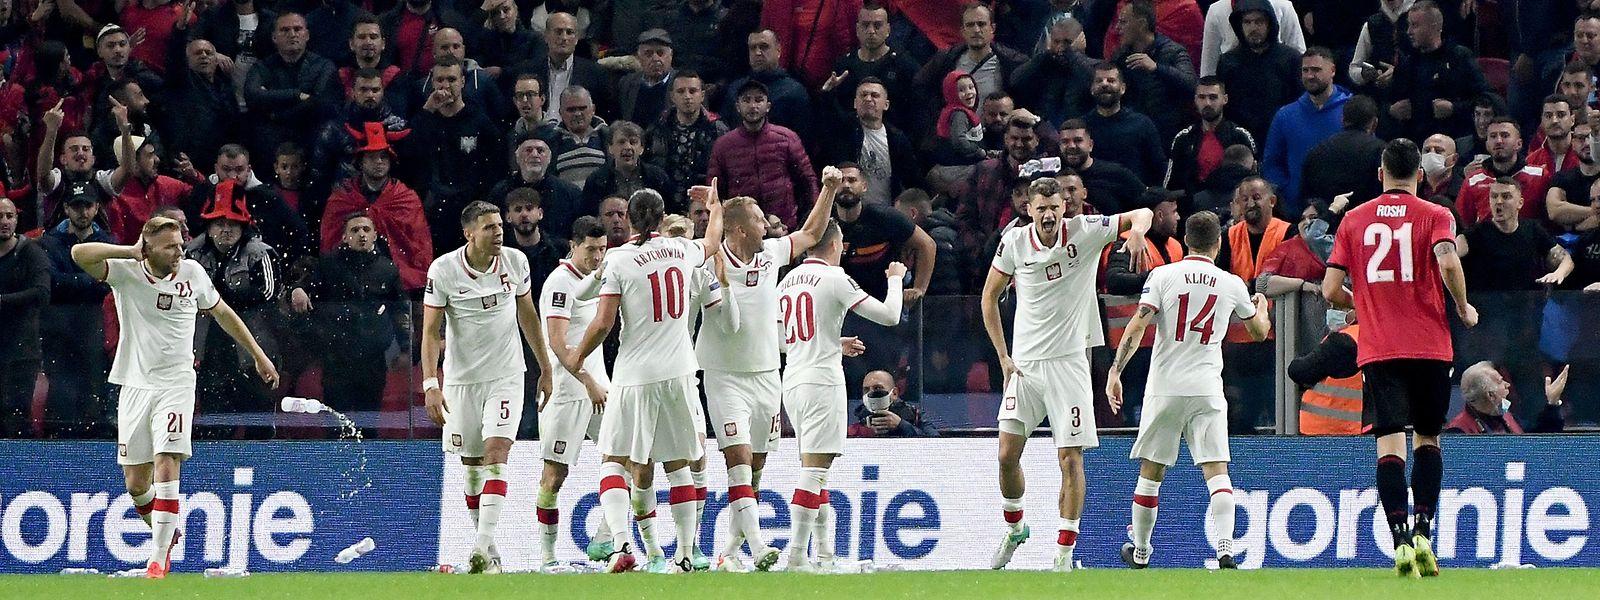 Als Polen mit 1:0 in Führung geht, werden die Spieler mit Plastikflaschen beworfen.